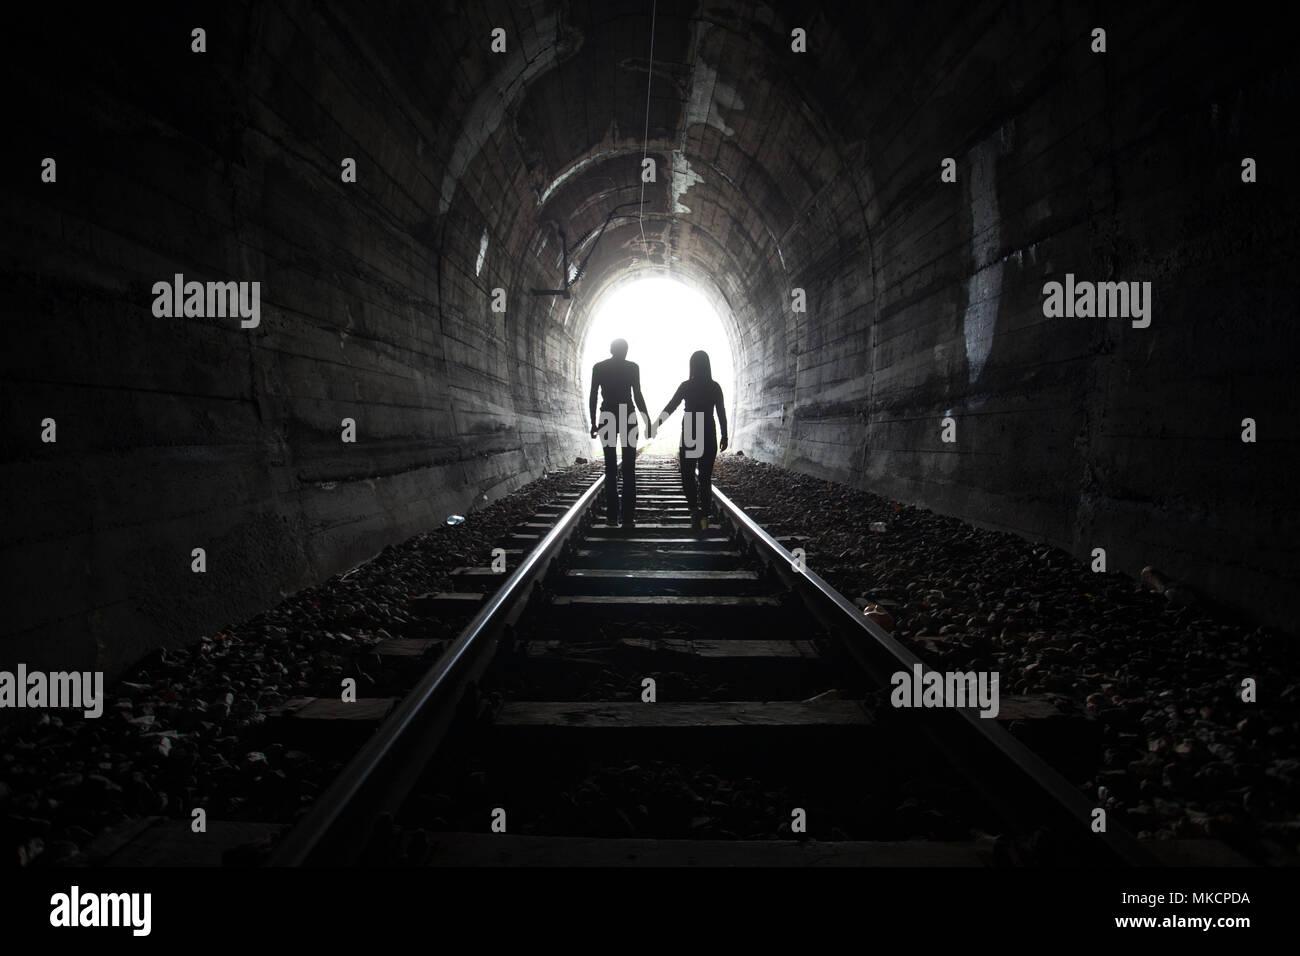 Giovane camminando mano nella mano lungo la via attraverso un tunnel ferroviario verso la spia luminosa in corrispondenza dell'altra estremità, essi appaiono come sagome contro il Immagini Stock